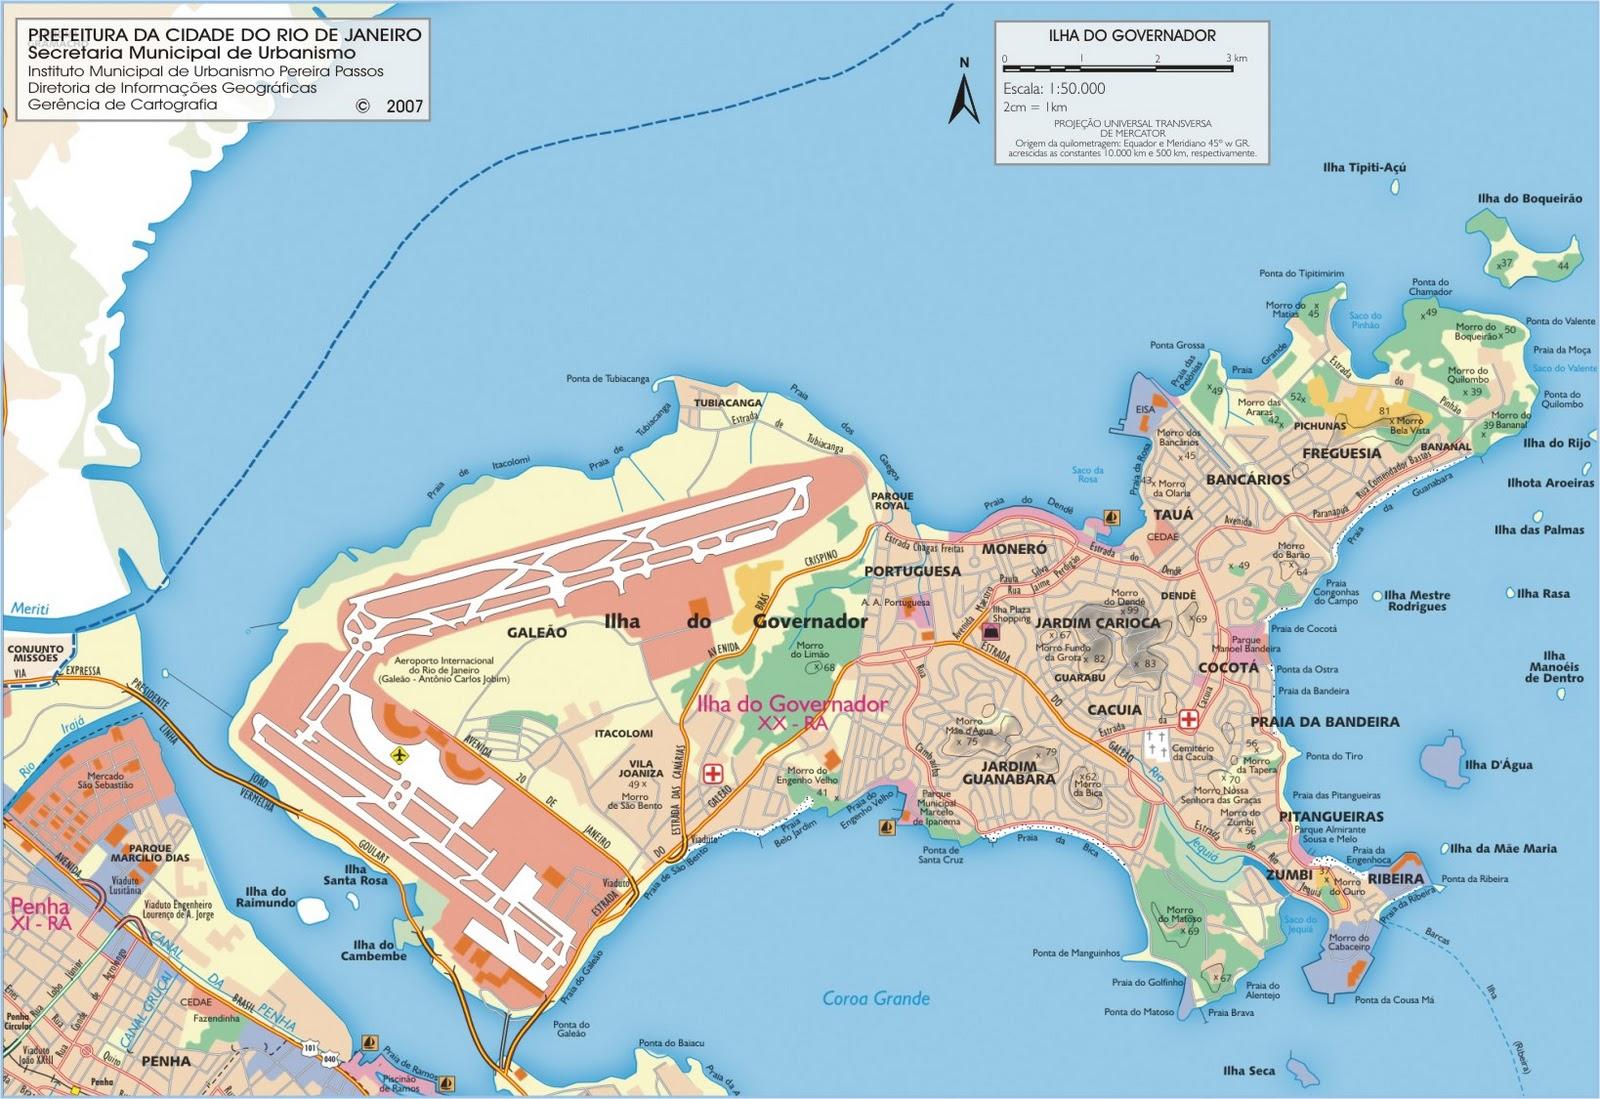 #A86323 Entre Rios: Do lugar  1700 Janela De Aluminio Na Ilha Do Governador